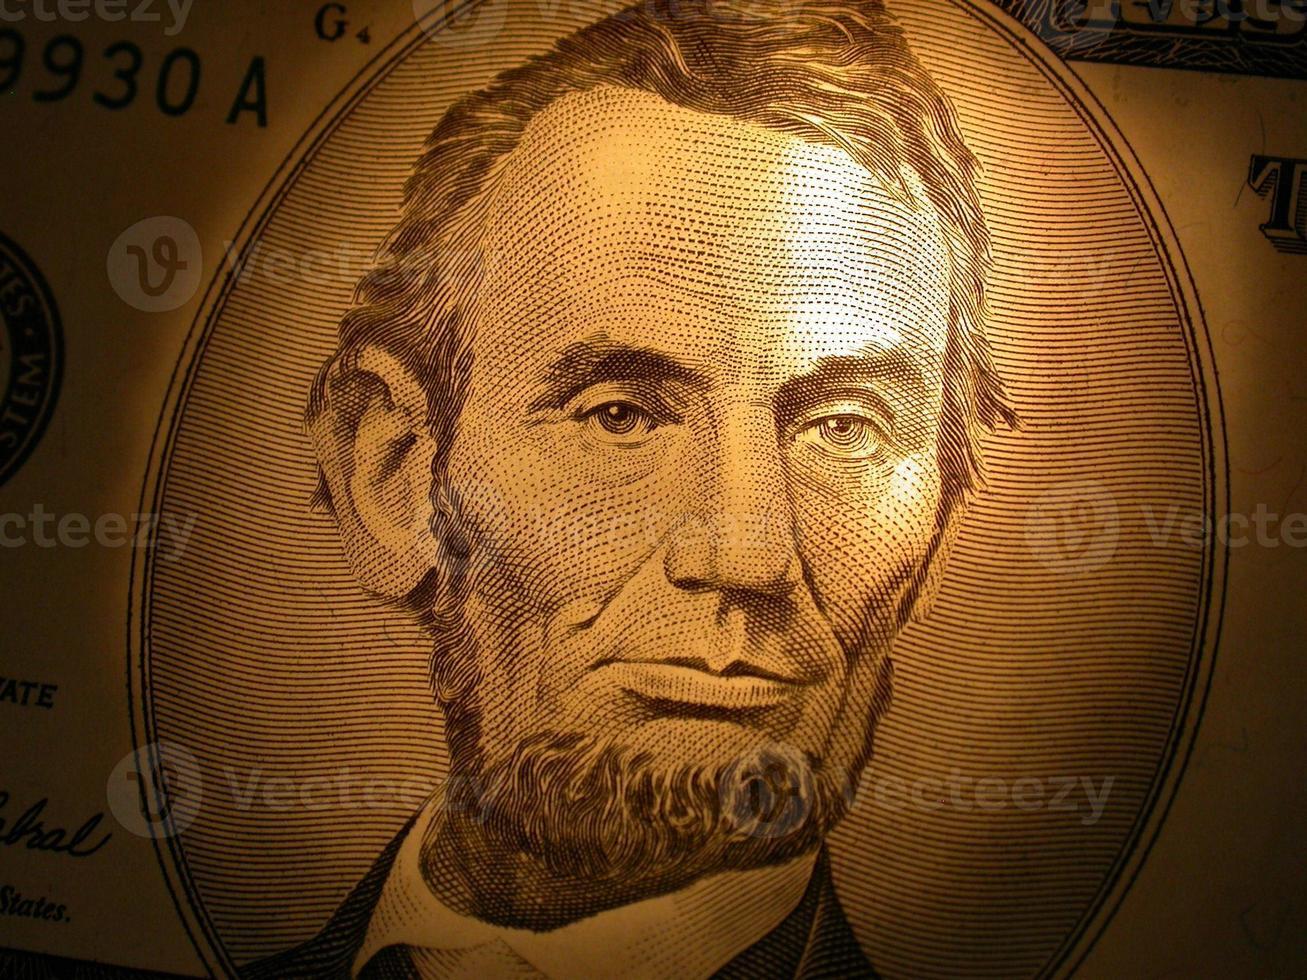 Lincoln aux chandelles - 5 $ photo